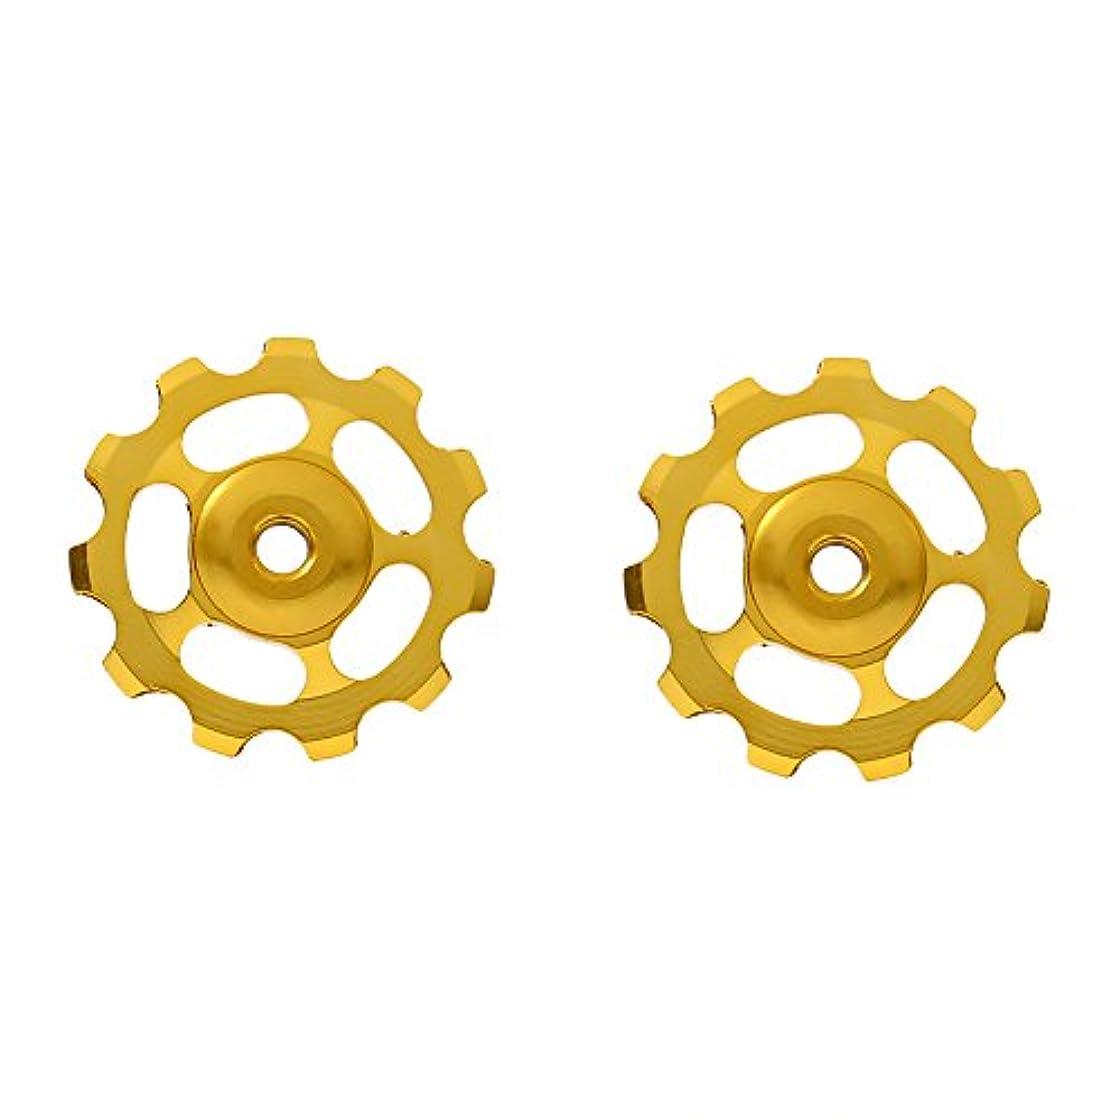 継続中真面目なリーガン2pcs耐久性アルミニウム合金Derailleur Pulley 11t CNC Derailleurジョッキーホイール自転車パーツサイクリングセットガイドプーリ